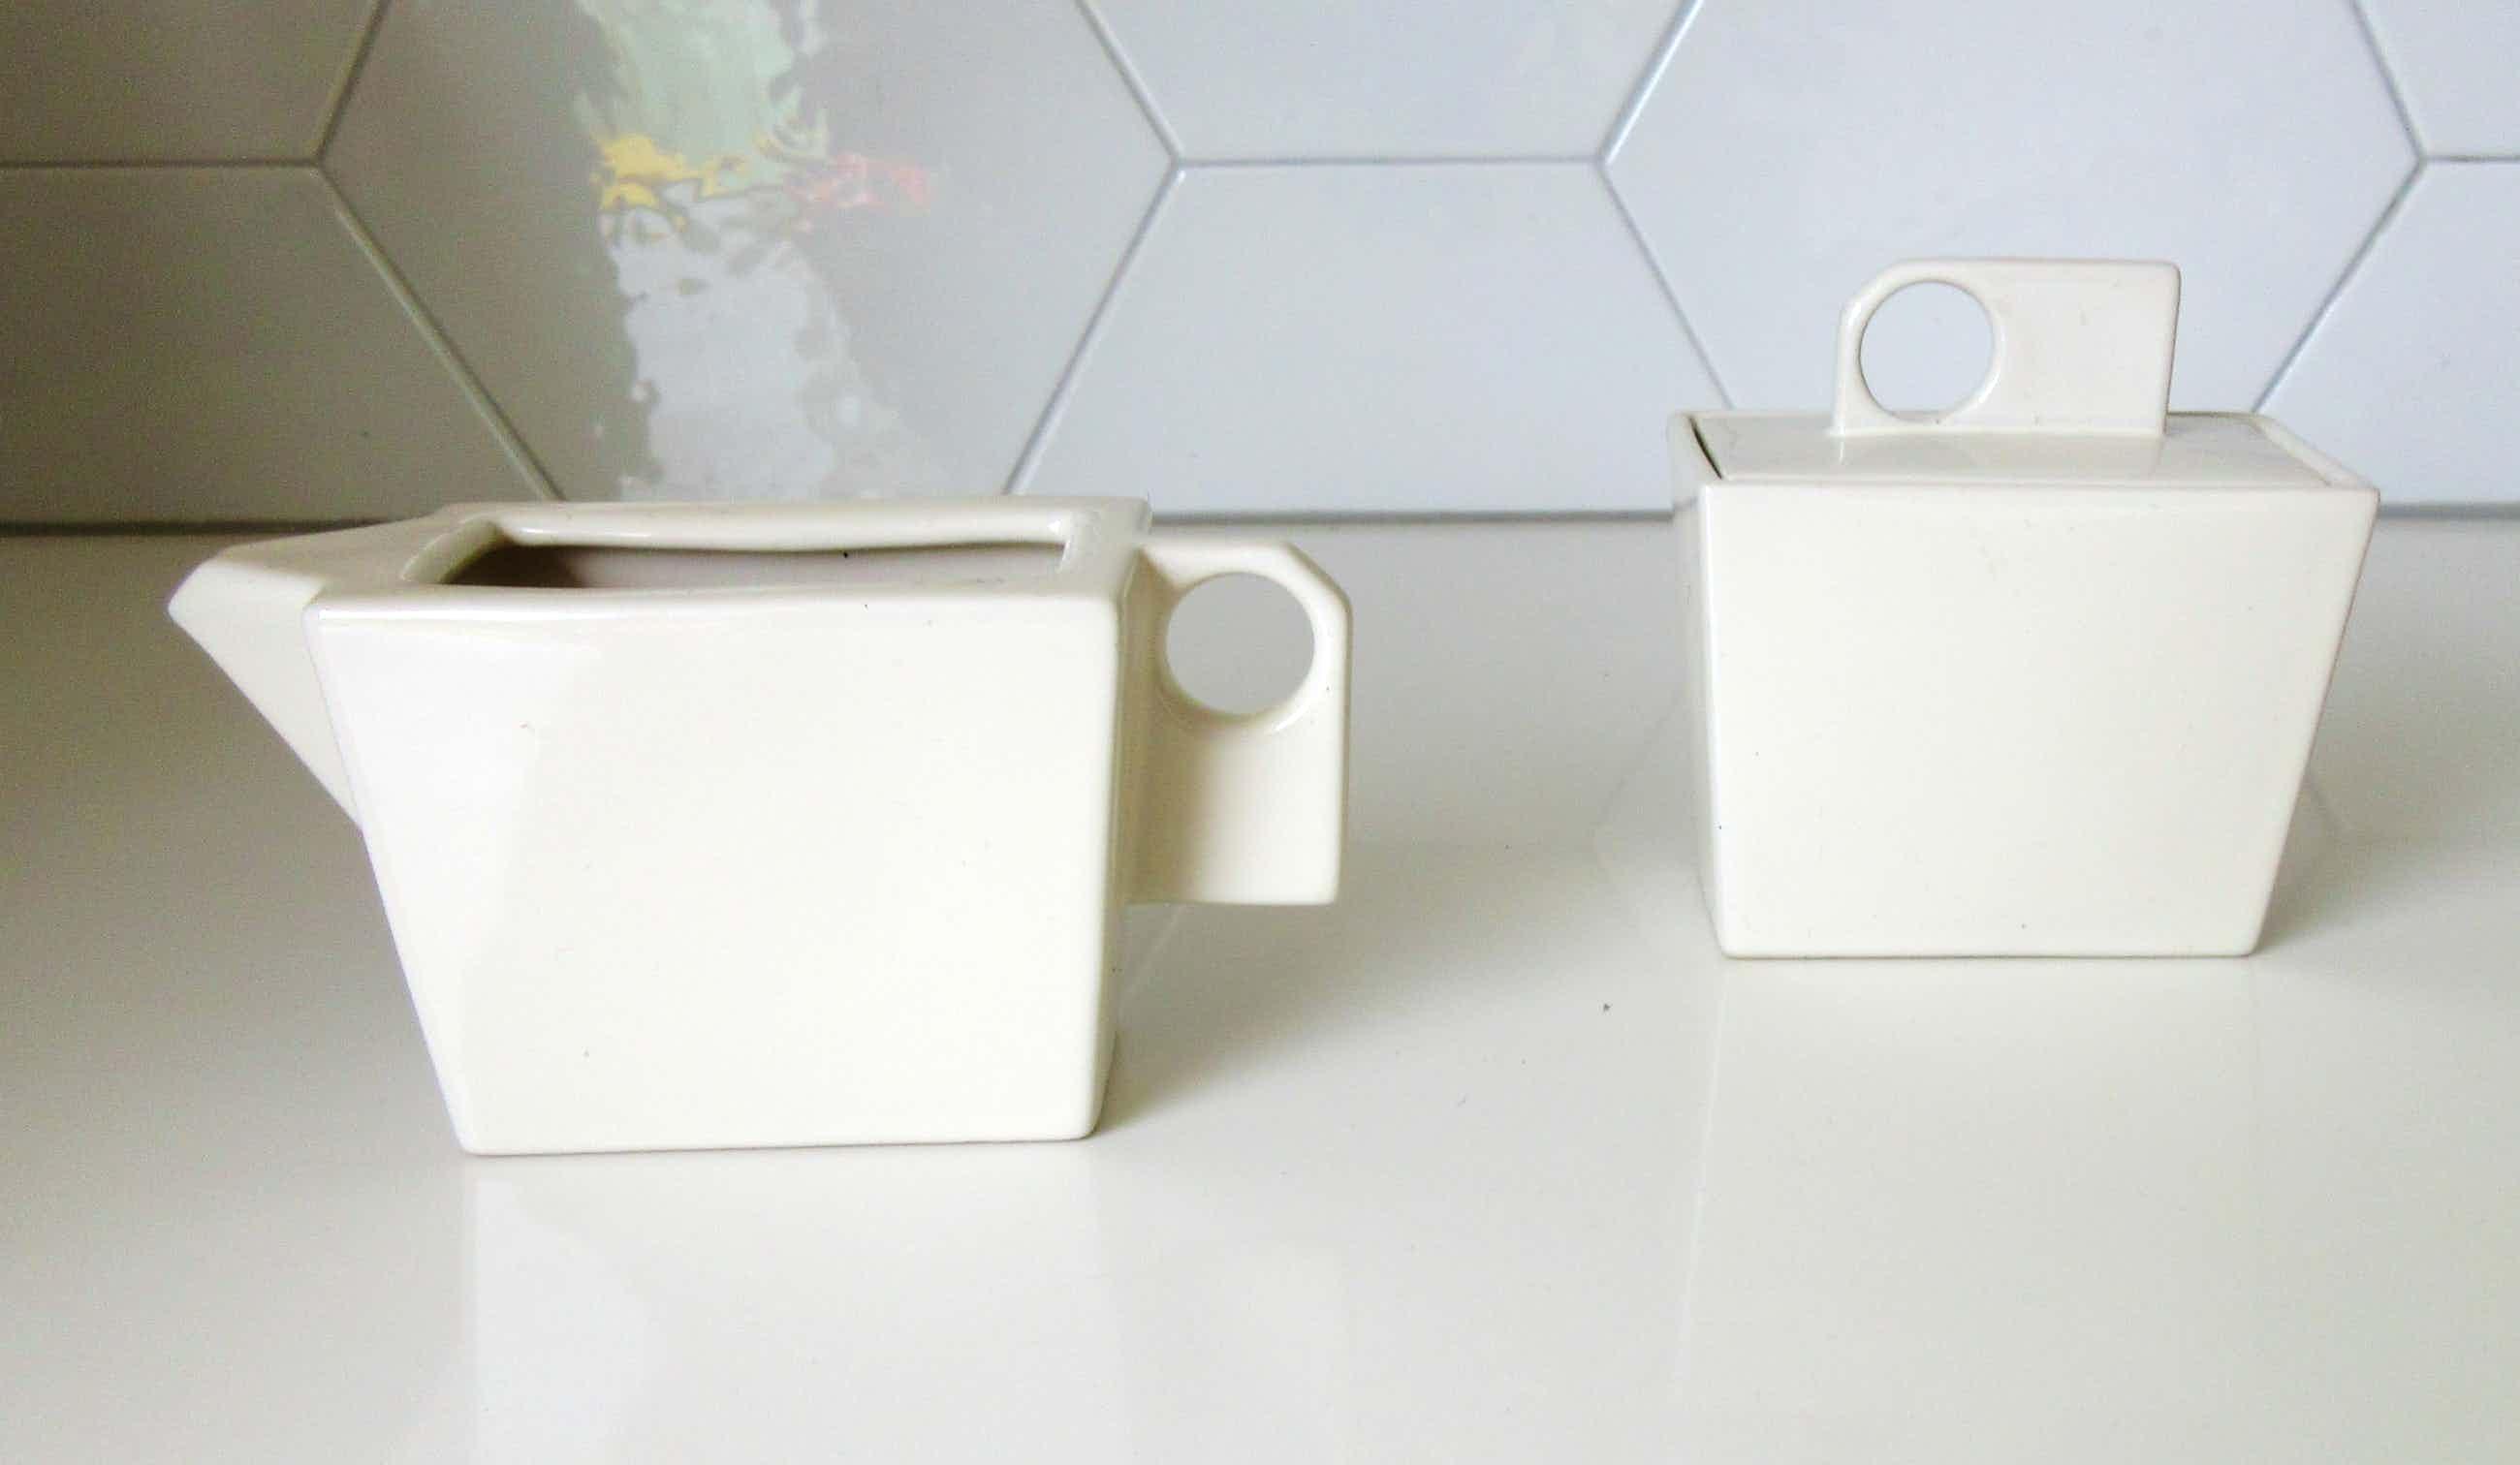 Royal Boch - Suikerpot & creamer servies Zeosen ontwerp Marc Pairon kopen? Bied vanaf 25!